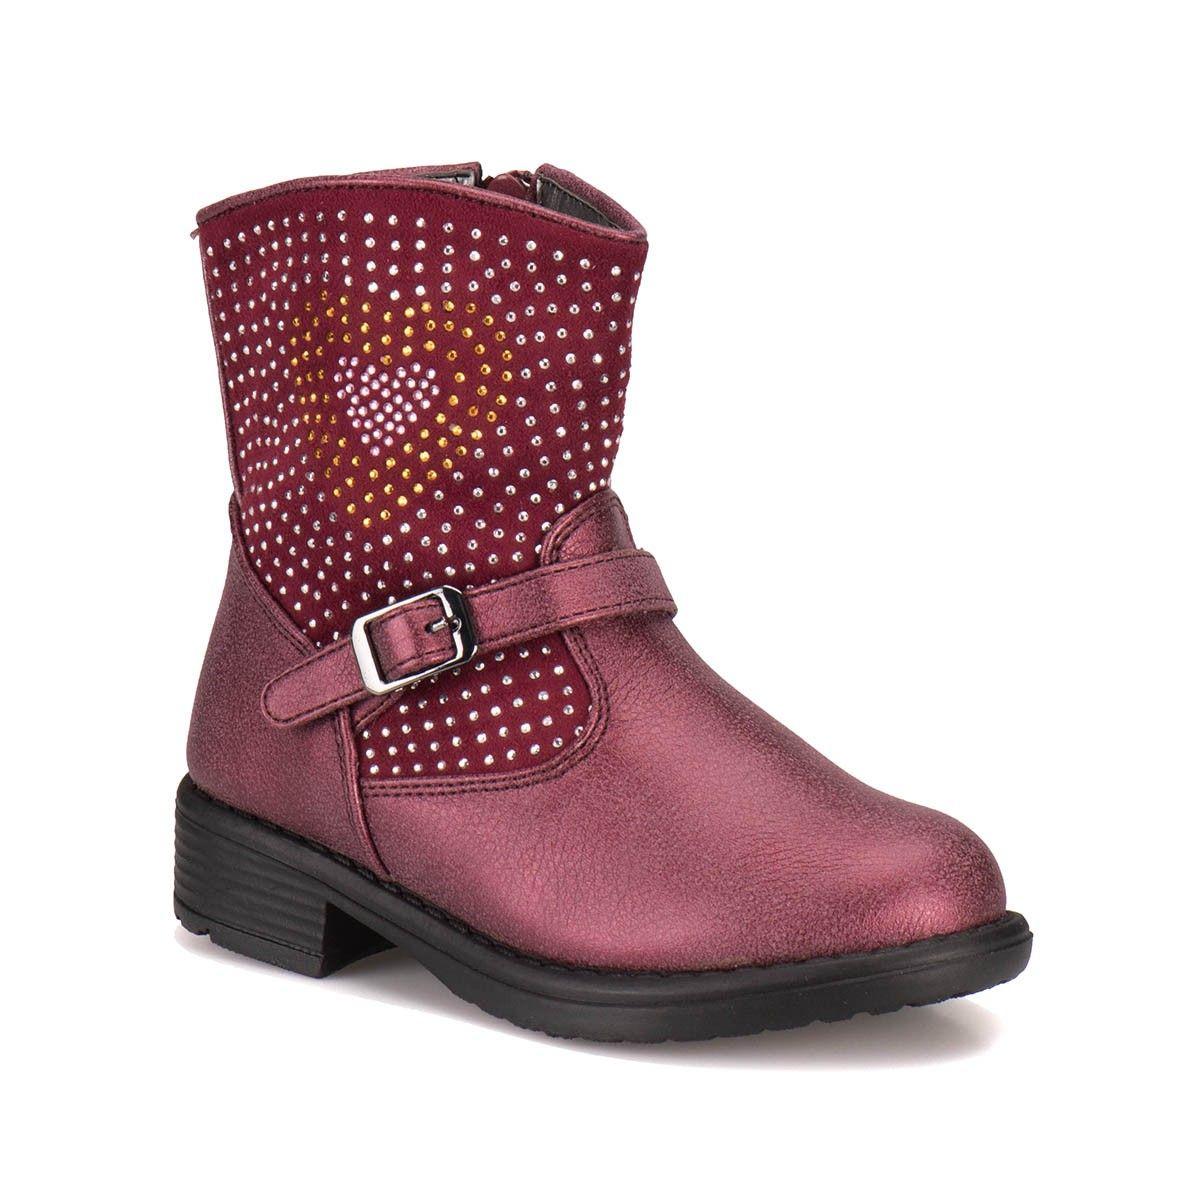 Pink Step A3311292 Bordo Kız Çocuk Biker - Bot / Çizme - Tüm Kız Çocuk Ürünleri - Çocuk